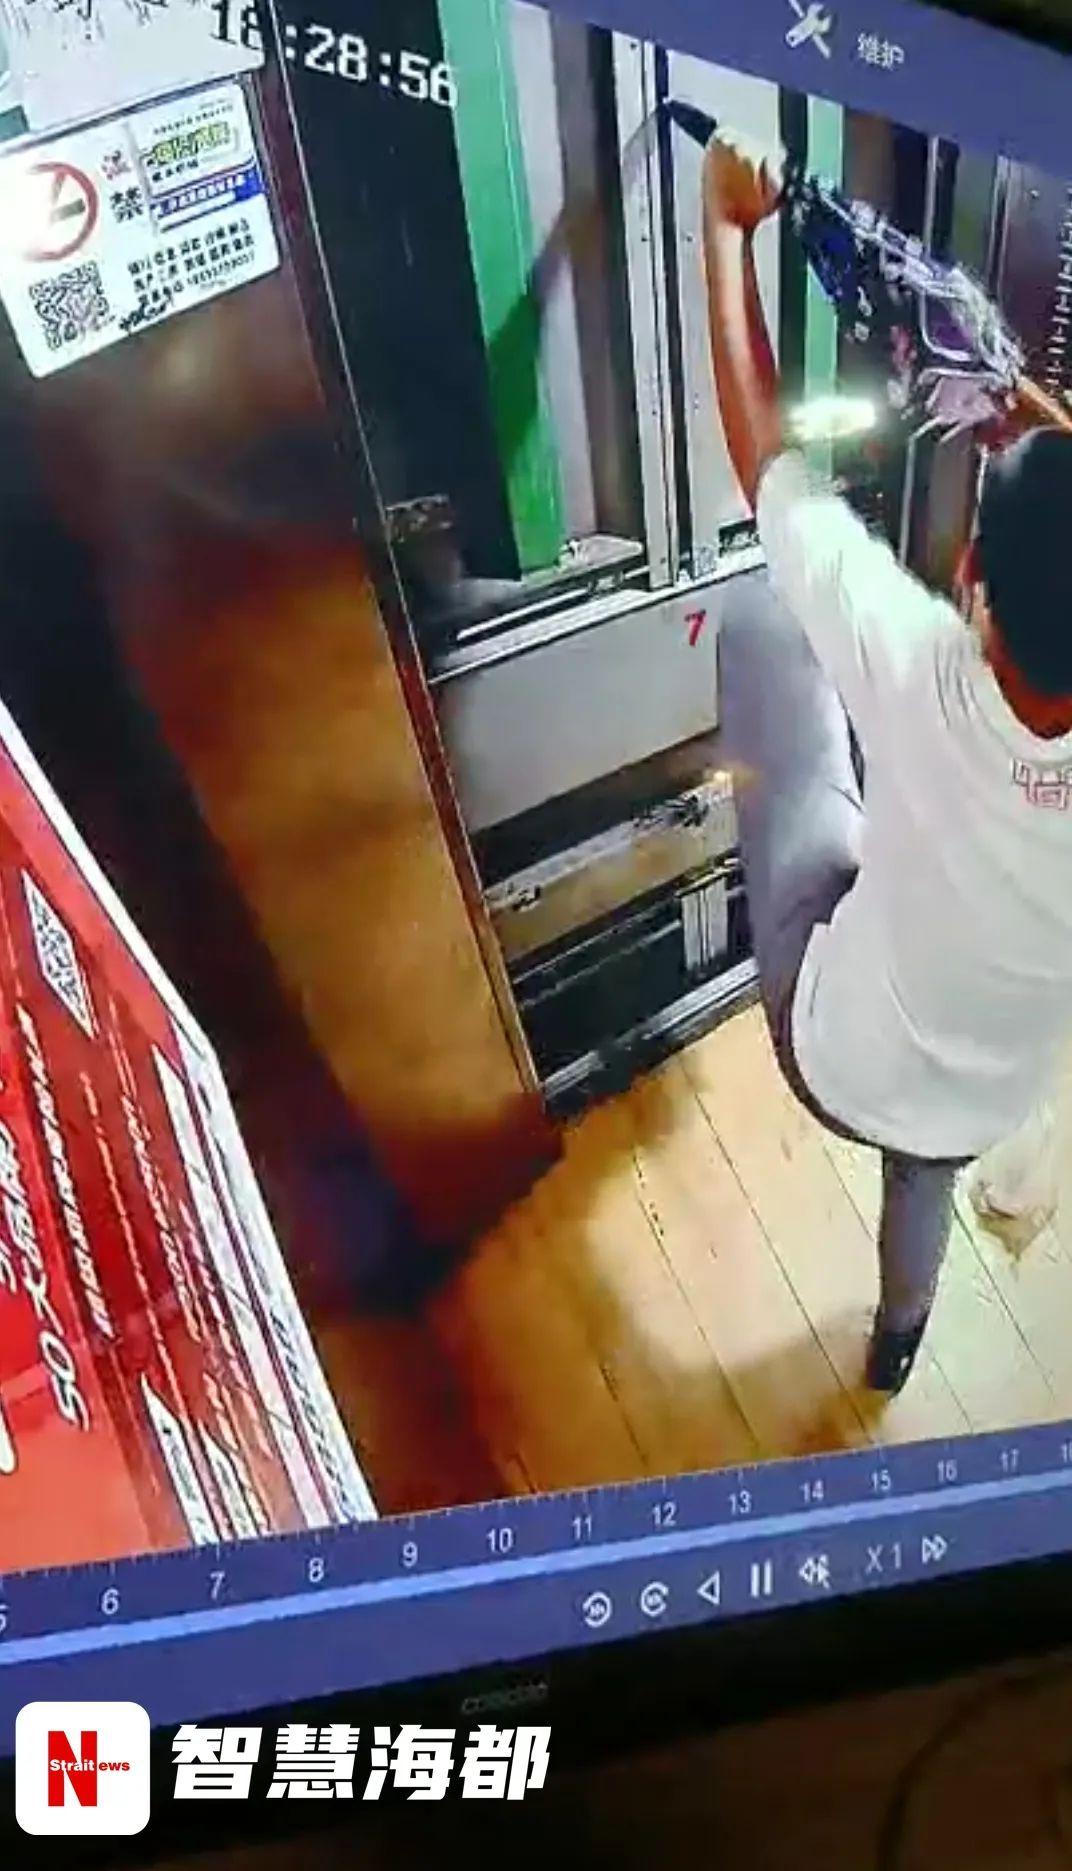 突发!福州一小区电梯故障!13岁男孩不幸坠亡!视频披露……